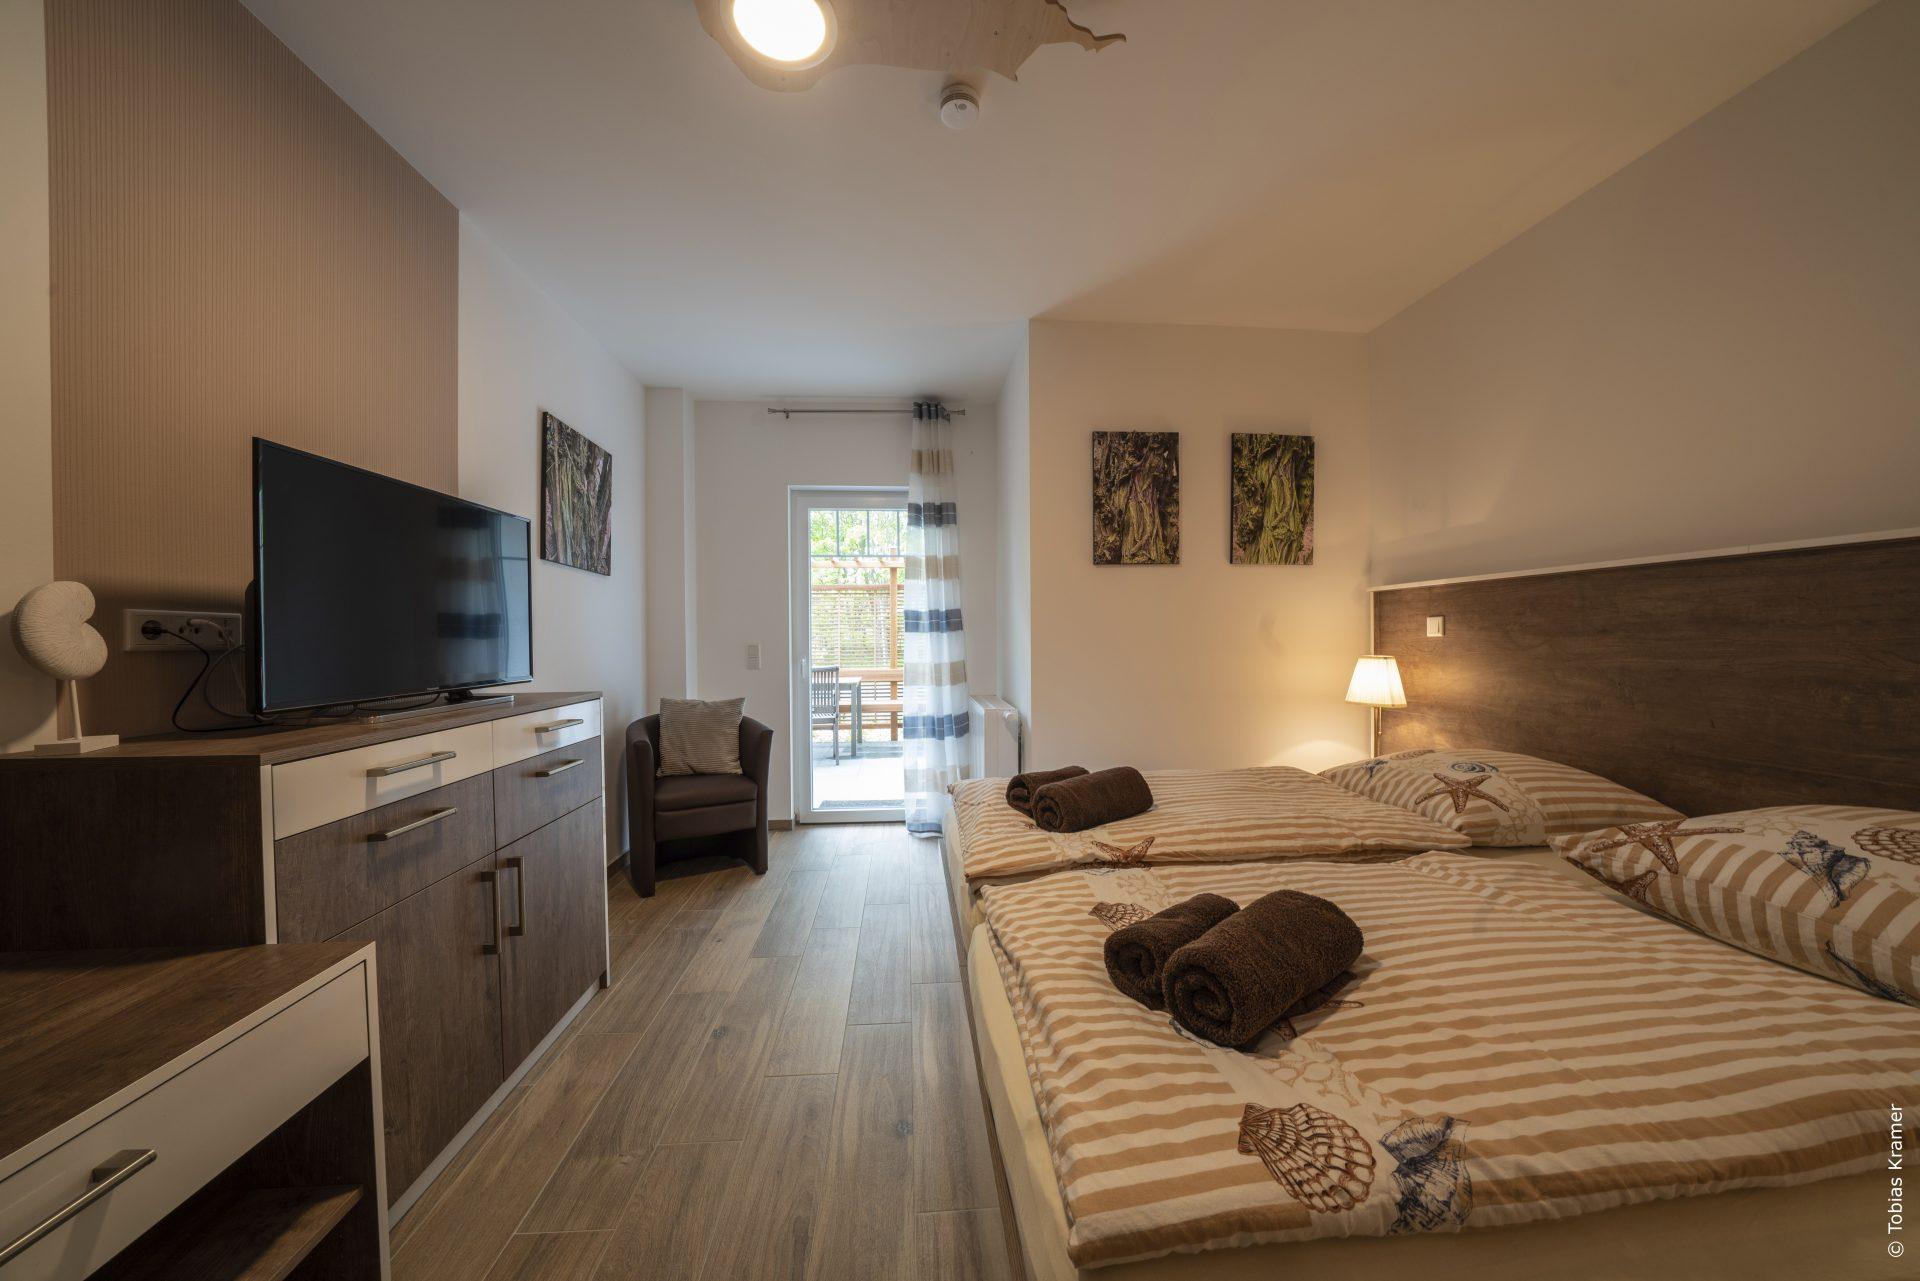 Schlafzimmer mit Doppelbett, Sessel, TV und eigenem Bad